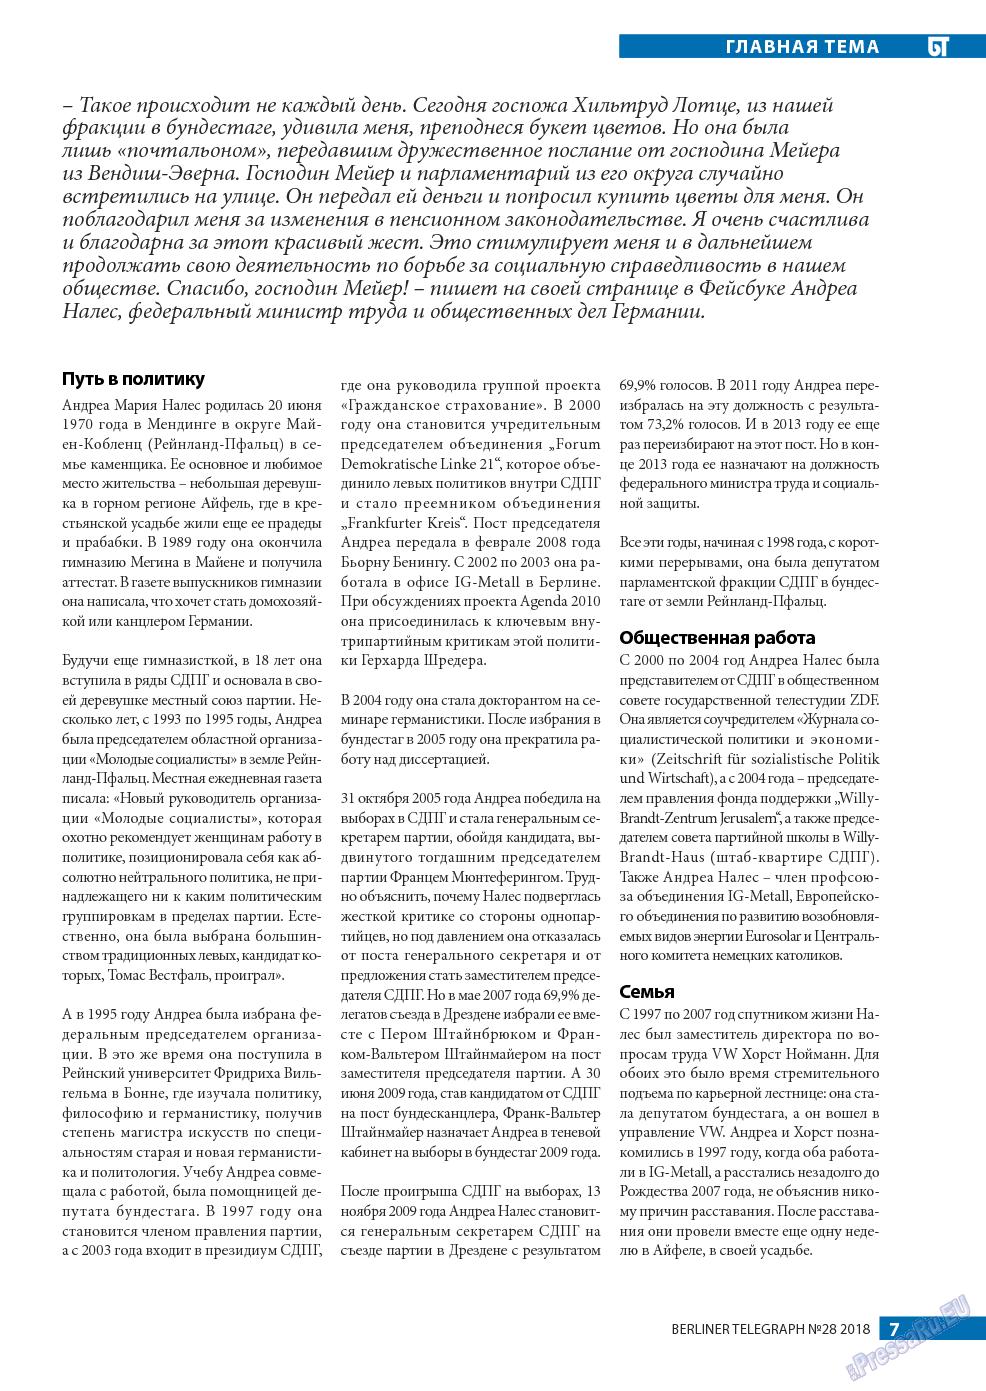 Берлинский телеграф (журнал). 2018 год, номер 28, стр. 7